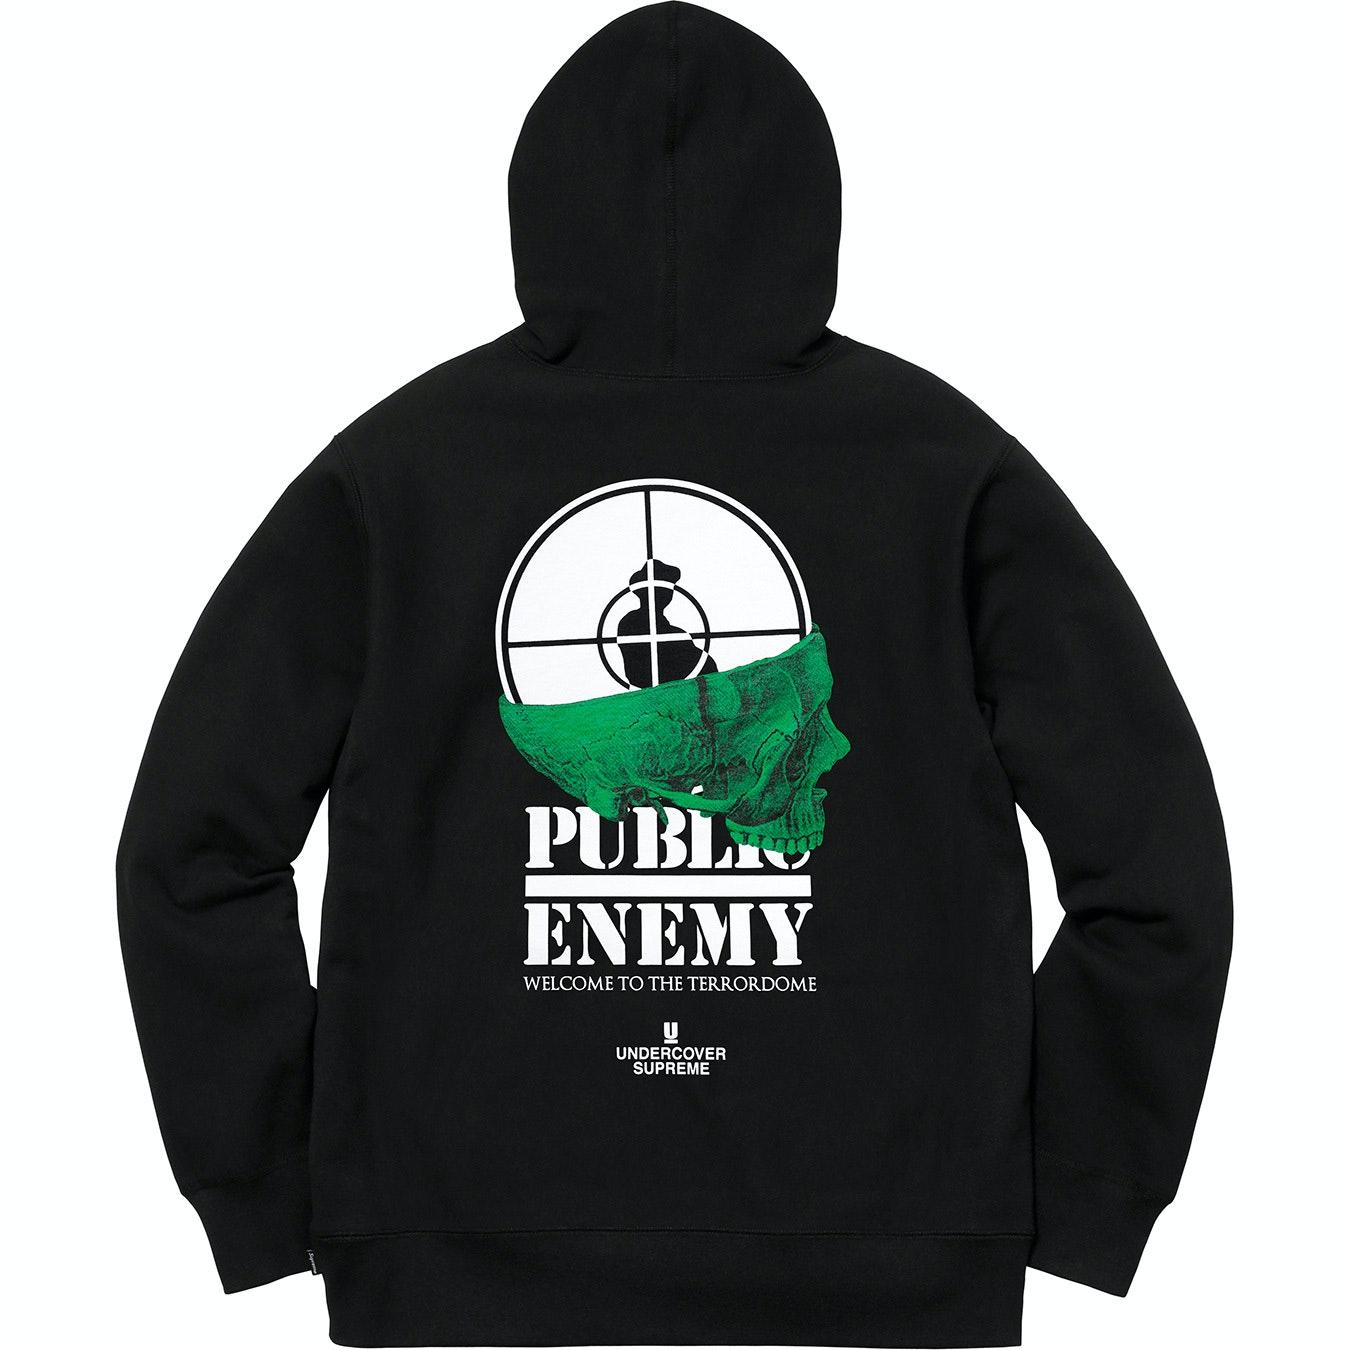 Public enemy hoodie